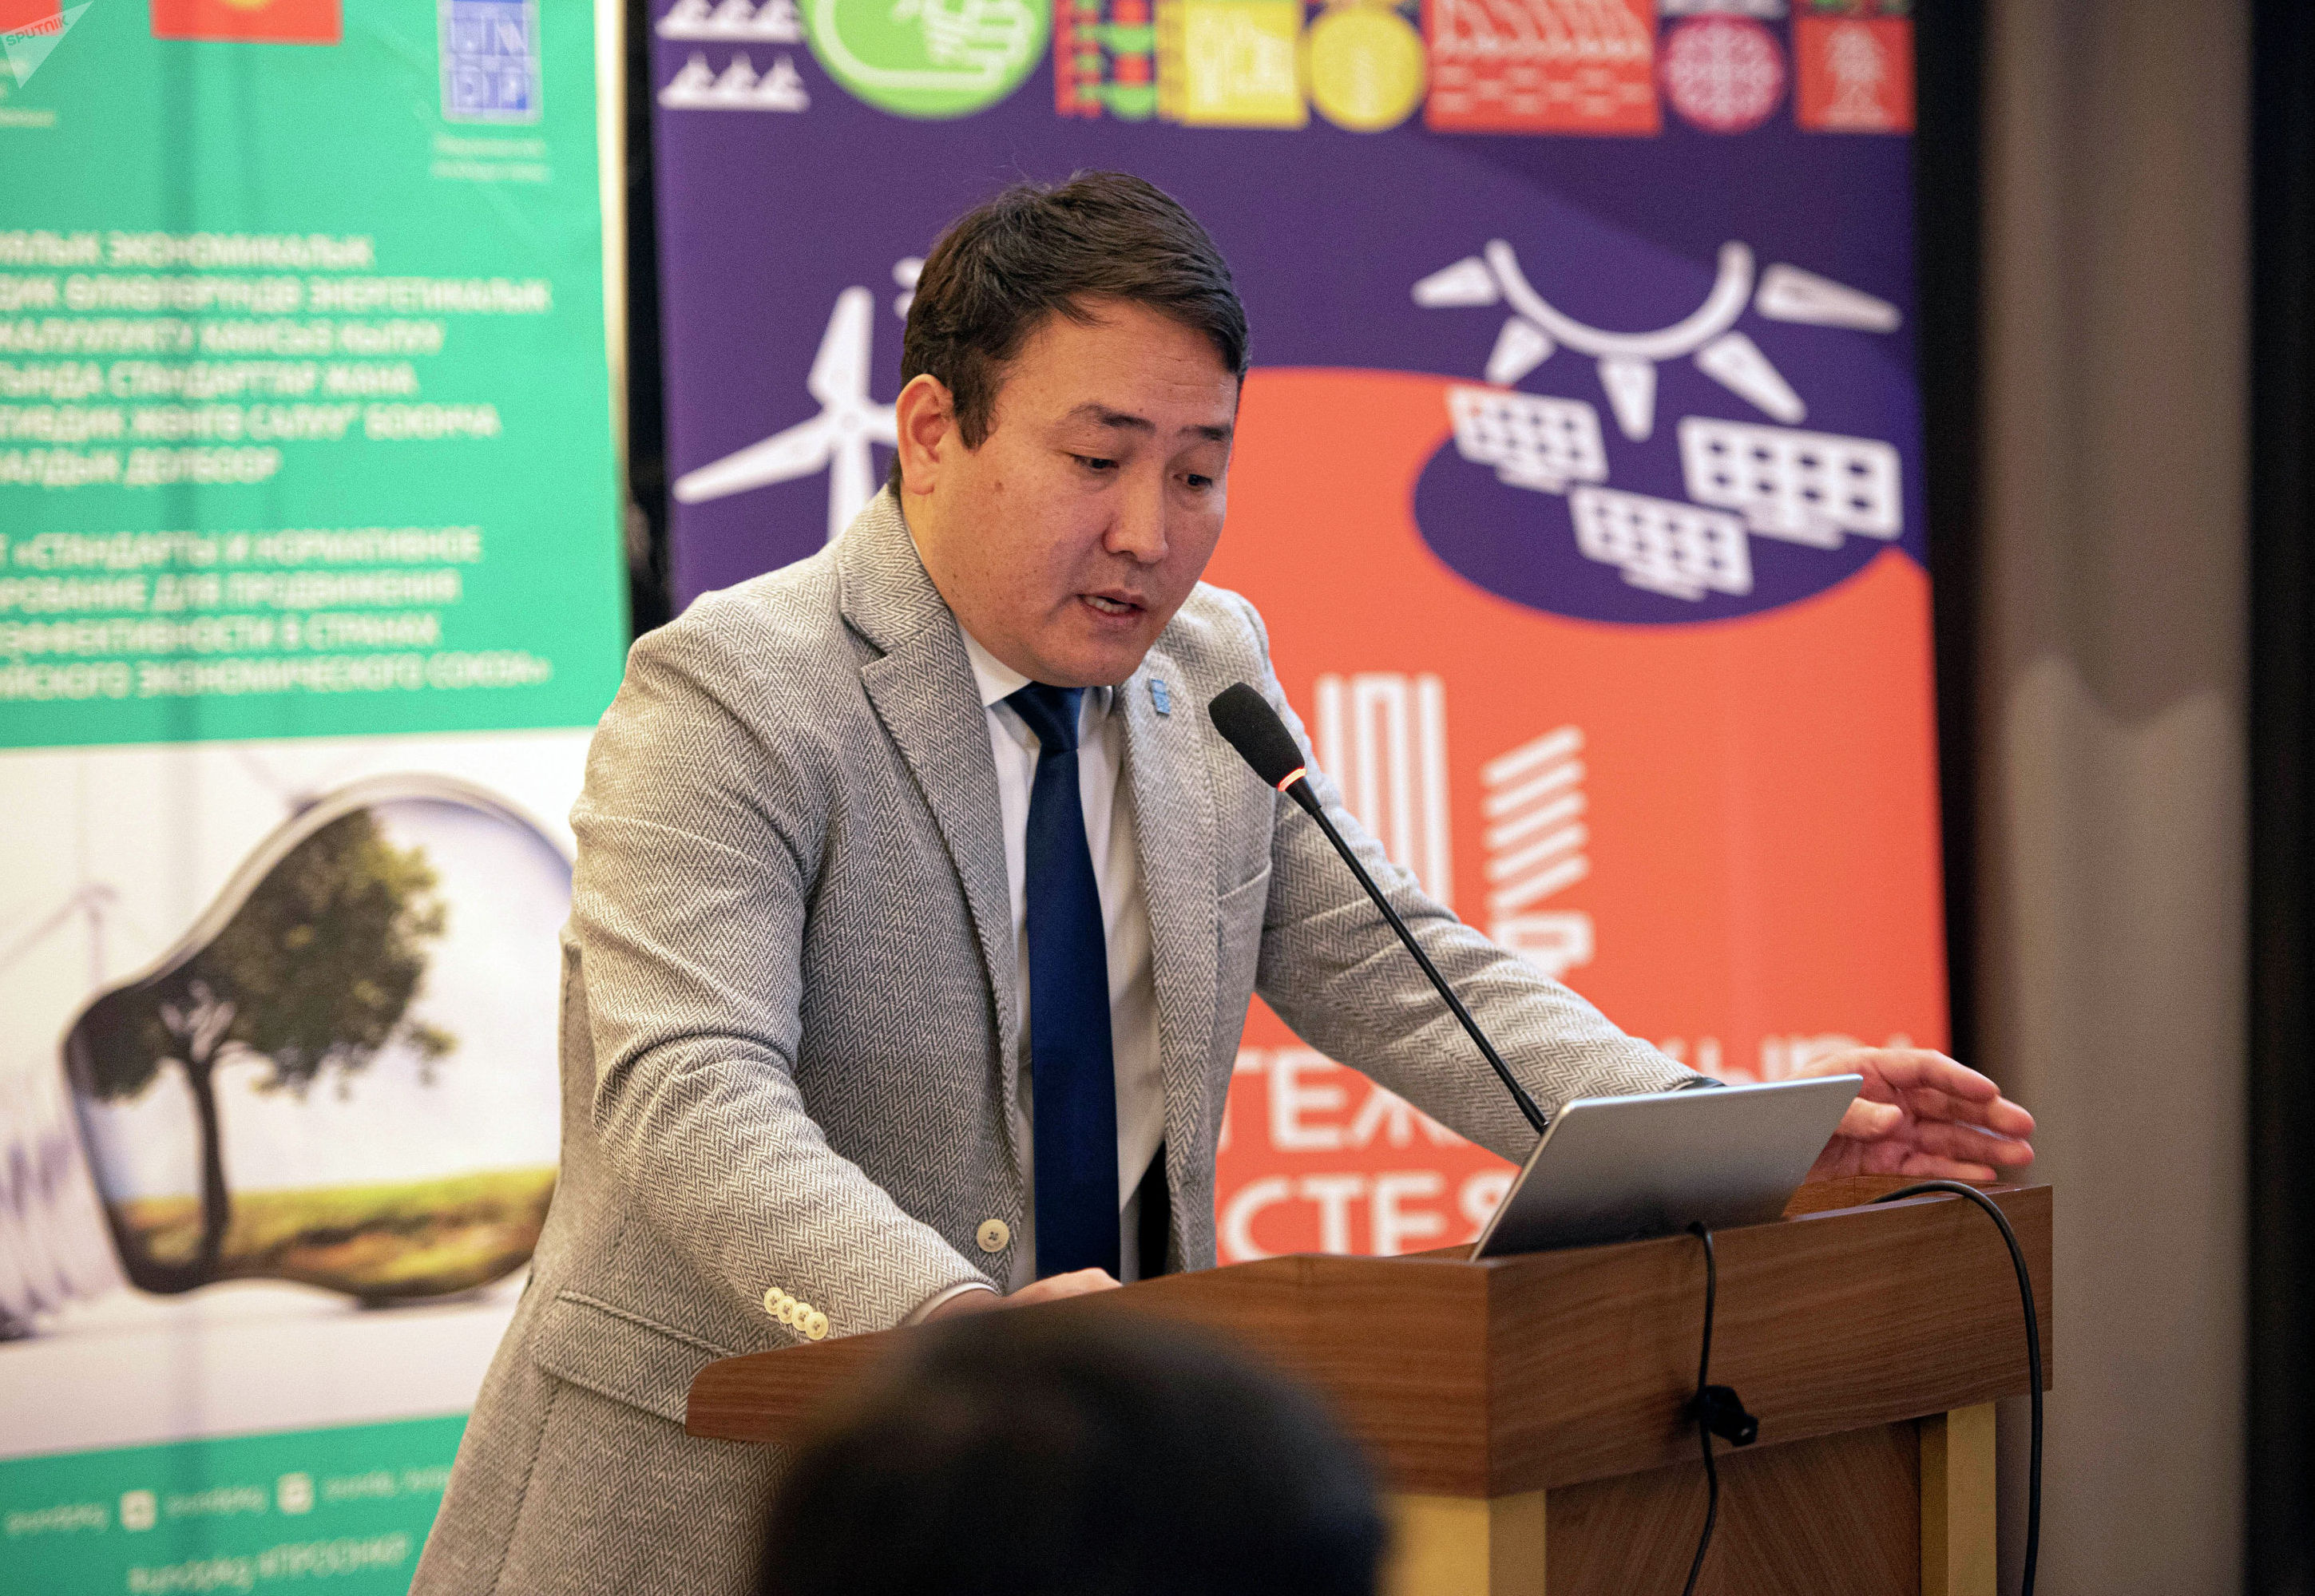 Консультант Программы развития ООН (ПРООН) по вопросам энергетики Кумар Кылычев во время круглого стола Энергоэффективность и энергосбережение как фактор устойчивого и зеленого развития для Кыргызской Республики.